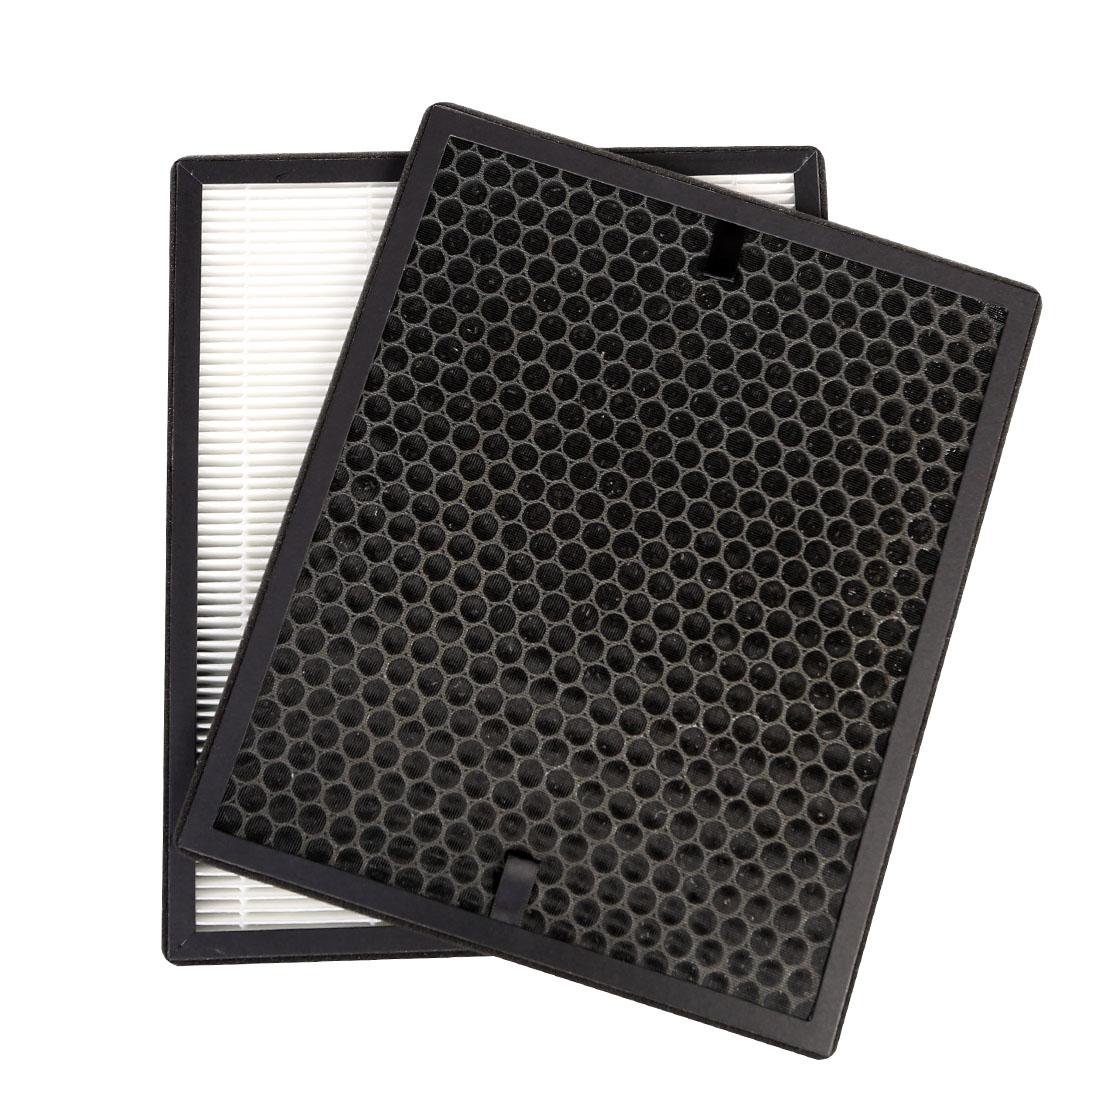 Zestaw filtrów HEPA i węglowy do urządzenia IDEAL AP 30 - OFILTRO Air Filter - HEPA H13 + Carbon - IDEAL AP 30